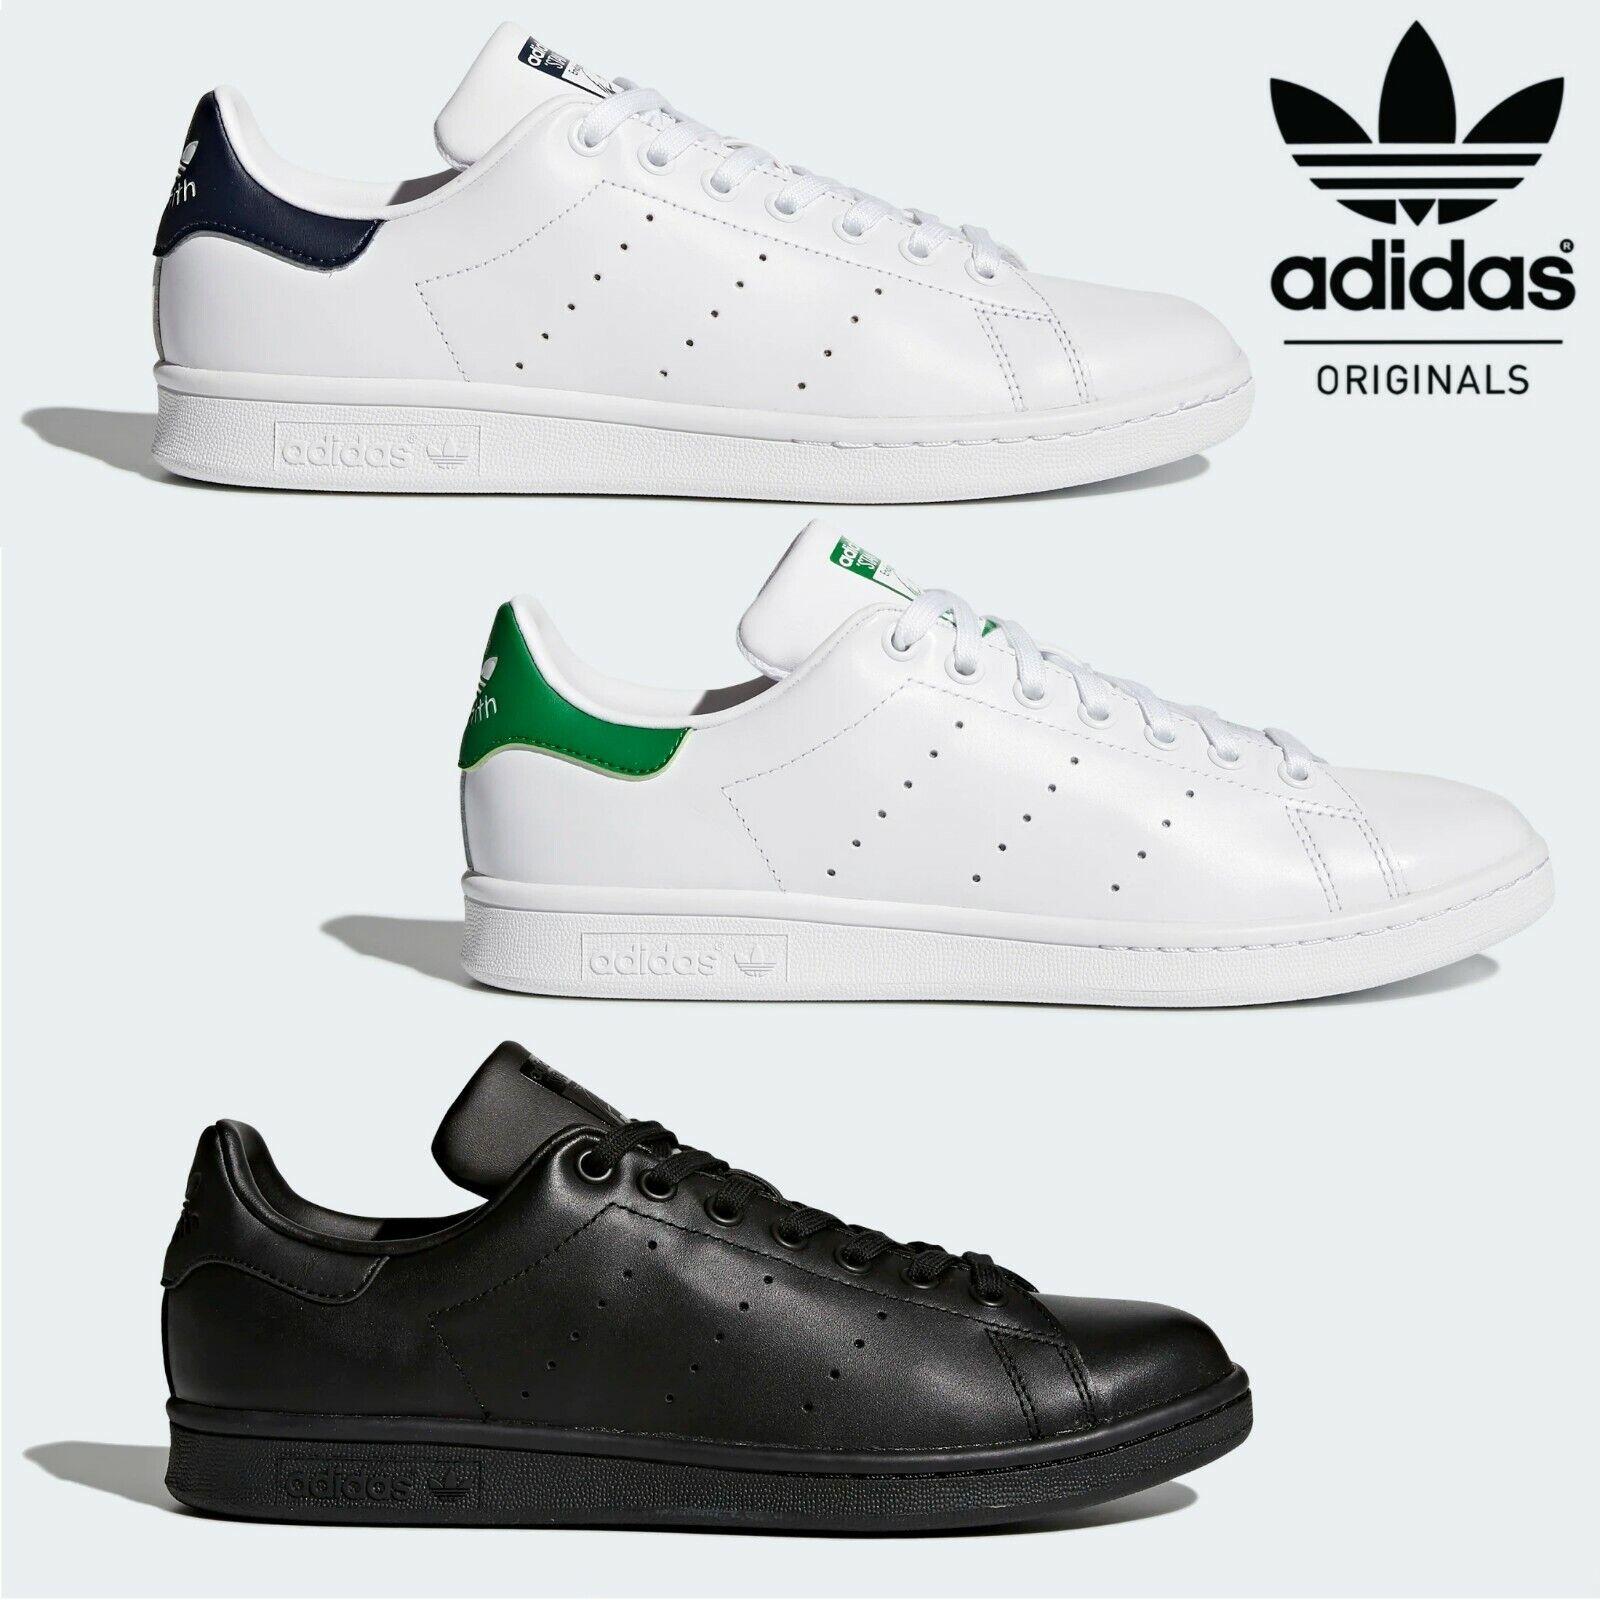 Adidas Stan Smith Classic Cuero Tenis Zapatos Retro Entrenadores ✅ ✅ entrega 24hr